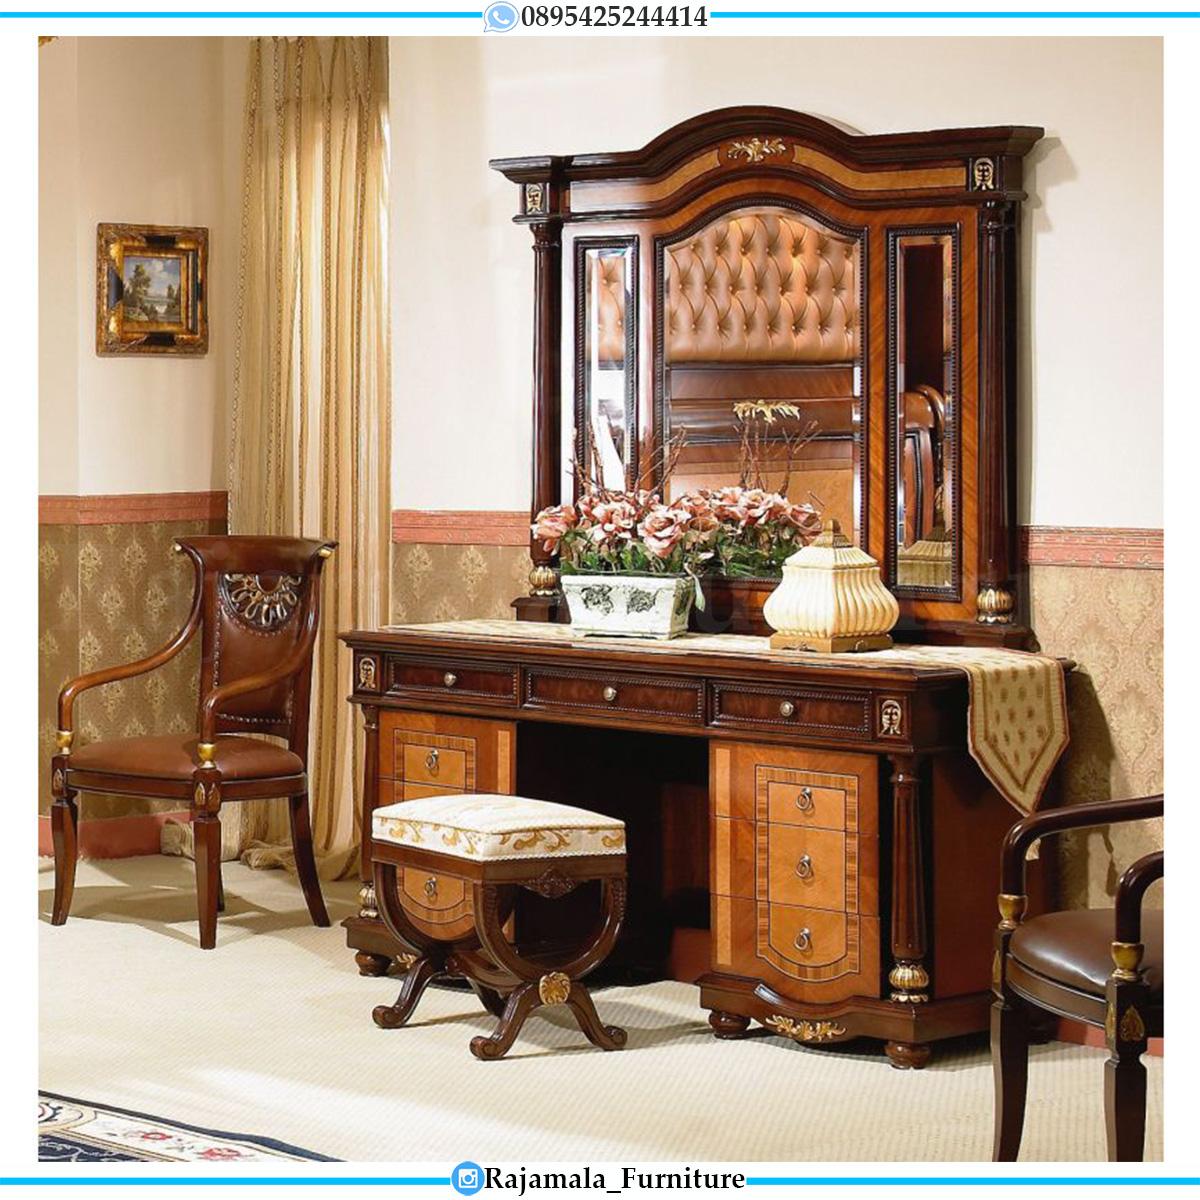 Jual Meja Rias Mewah Kayu Jati Natural Classic Luxury Design Mebel Jepara RM-0549